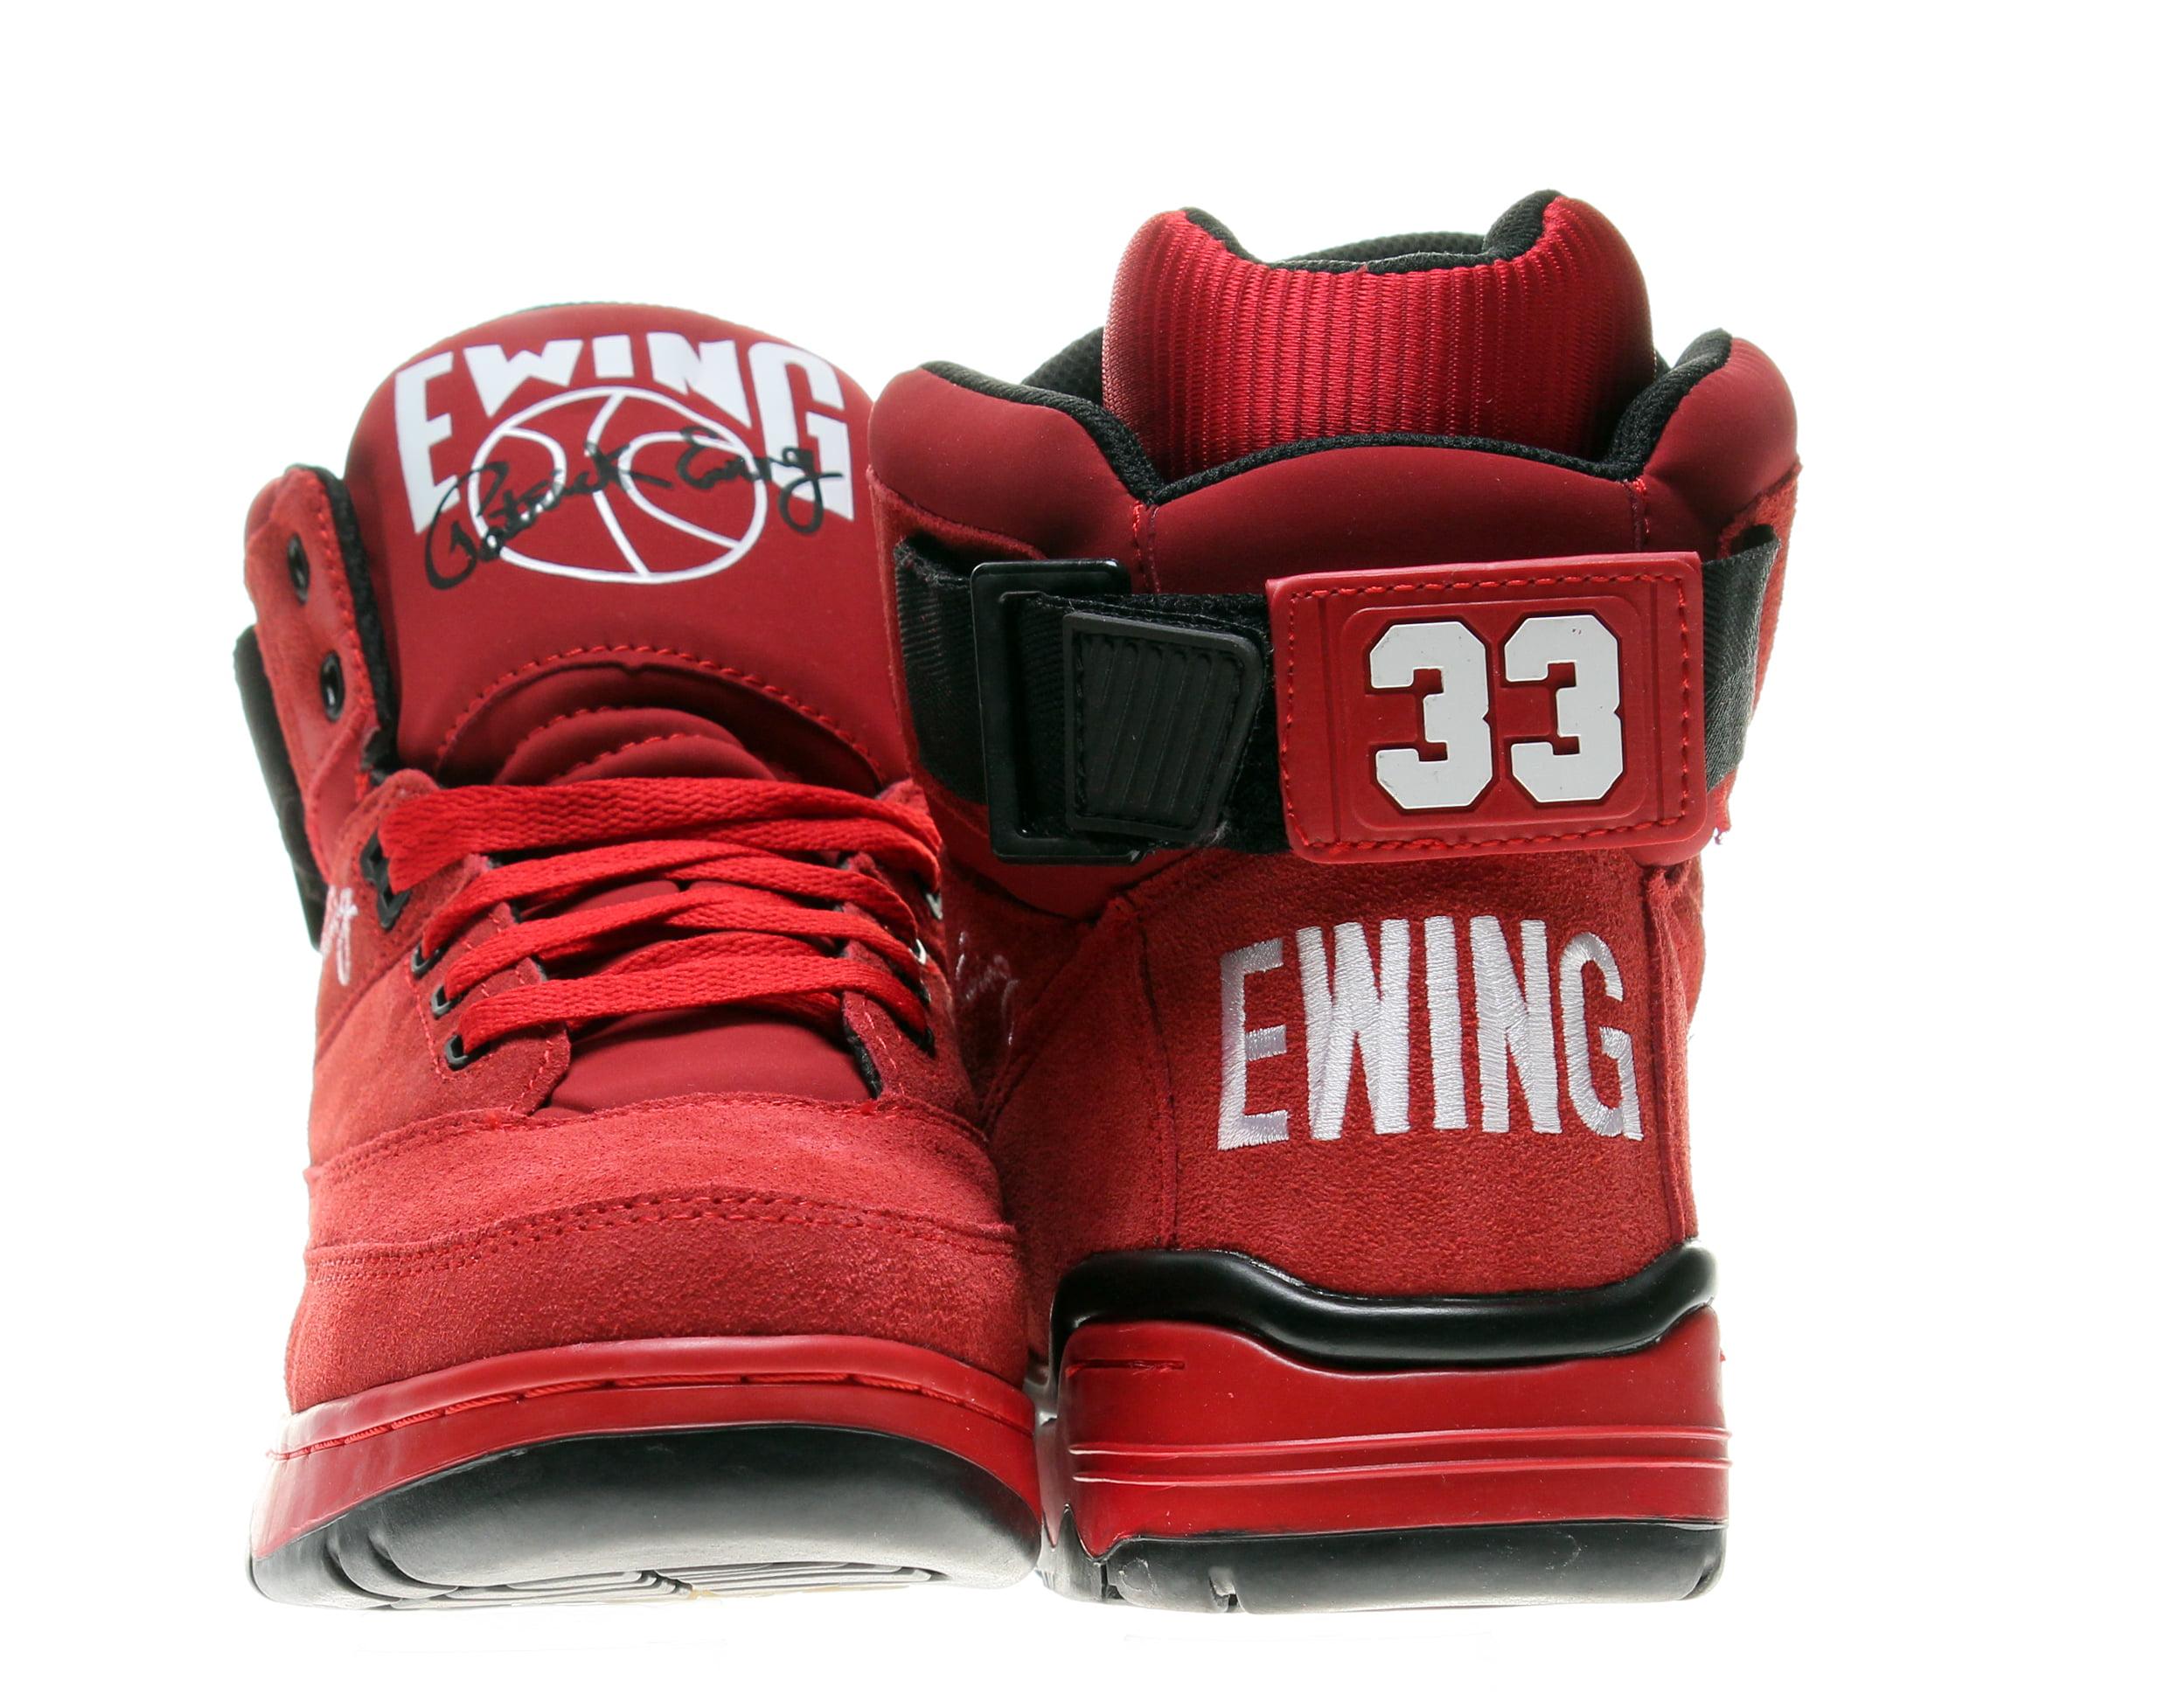 41ea153c1d6 Ewing Athletics - Ewing Athletics 33 Hi Red Black Men s Basketball Shoes  1EW90013-601 - Walmart.com